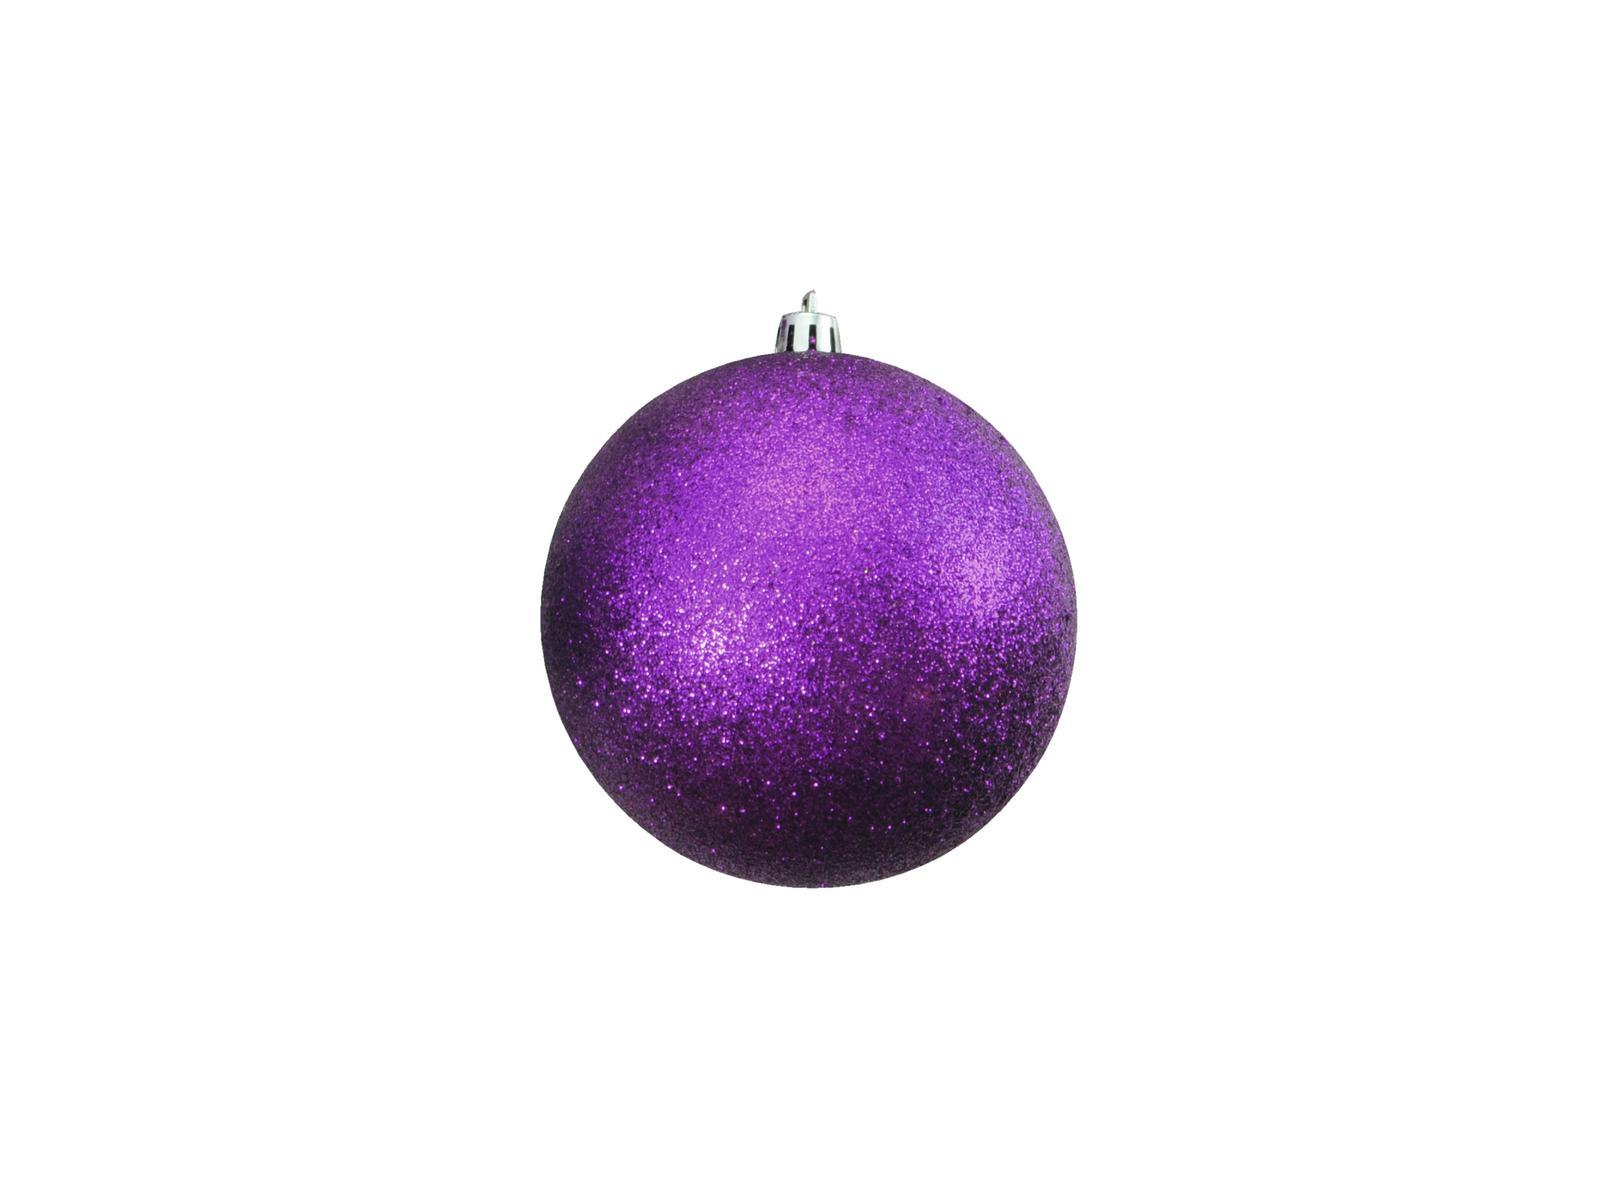 Vánoční dekorační ozdoby, 10 cm, fialové se třpytkami, 4 ks